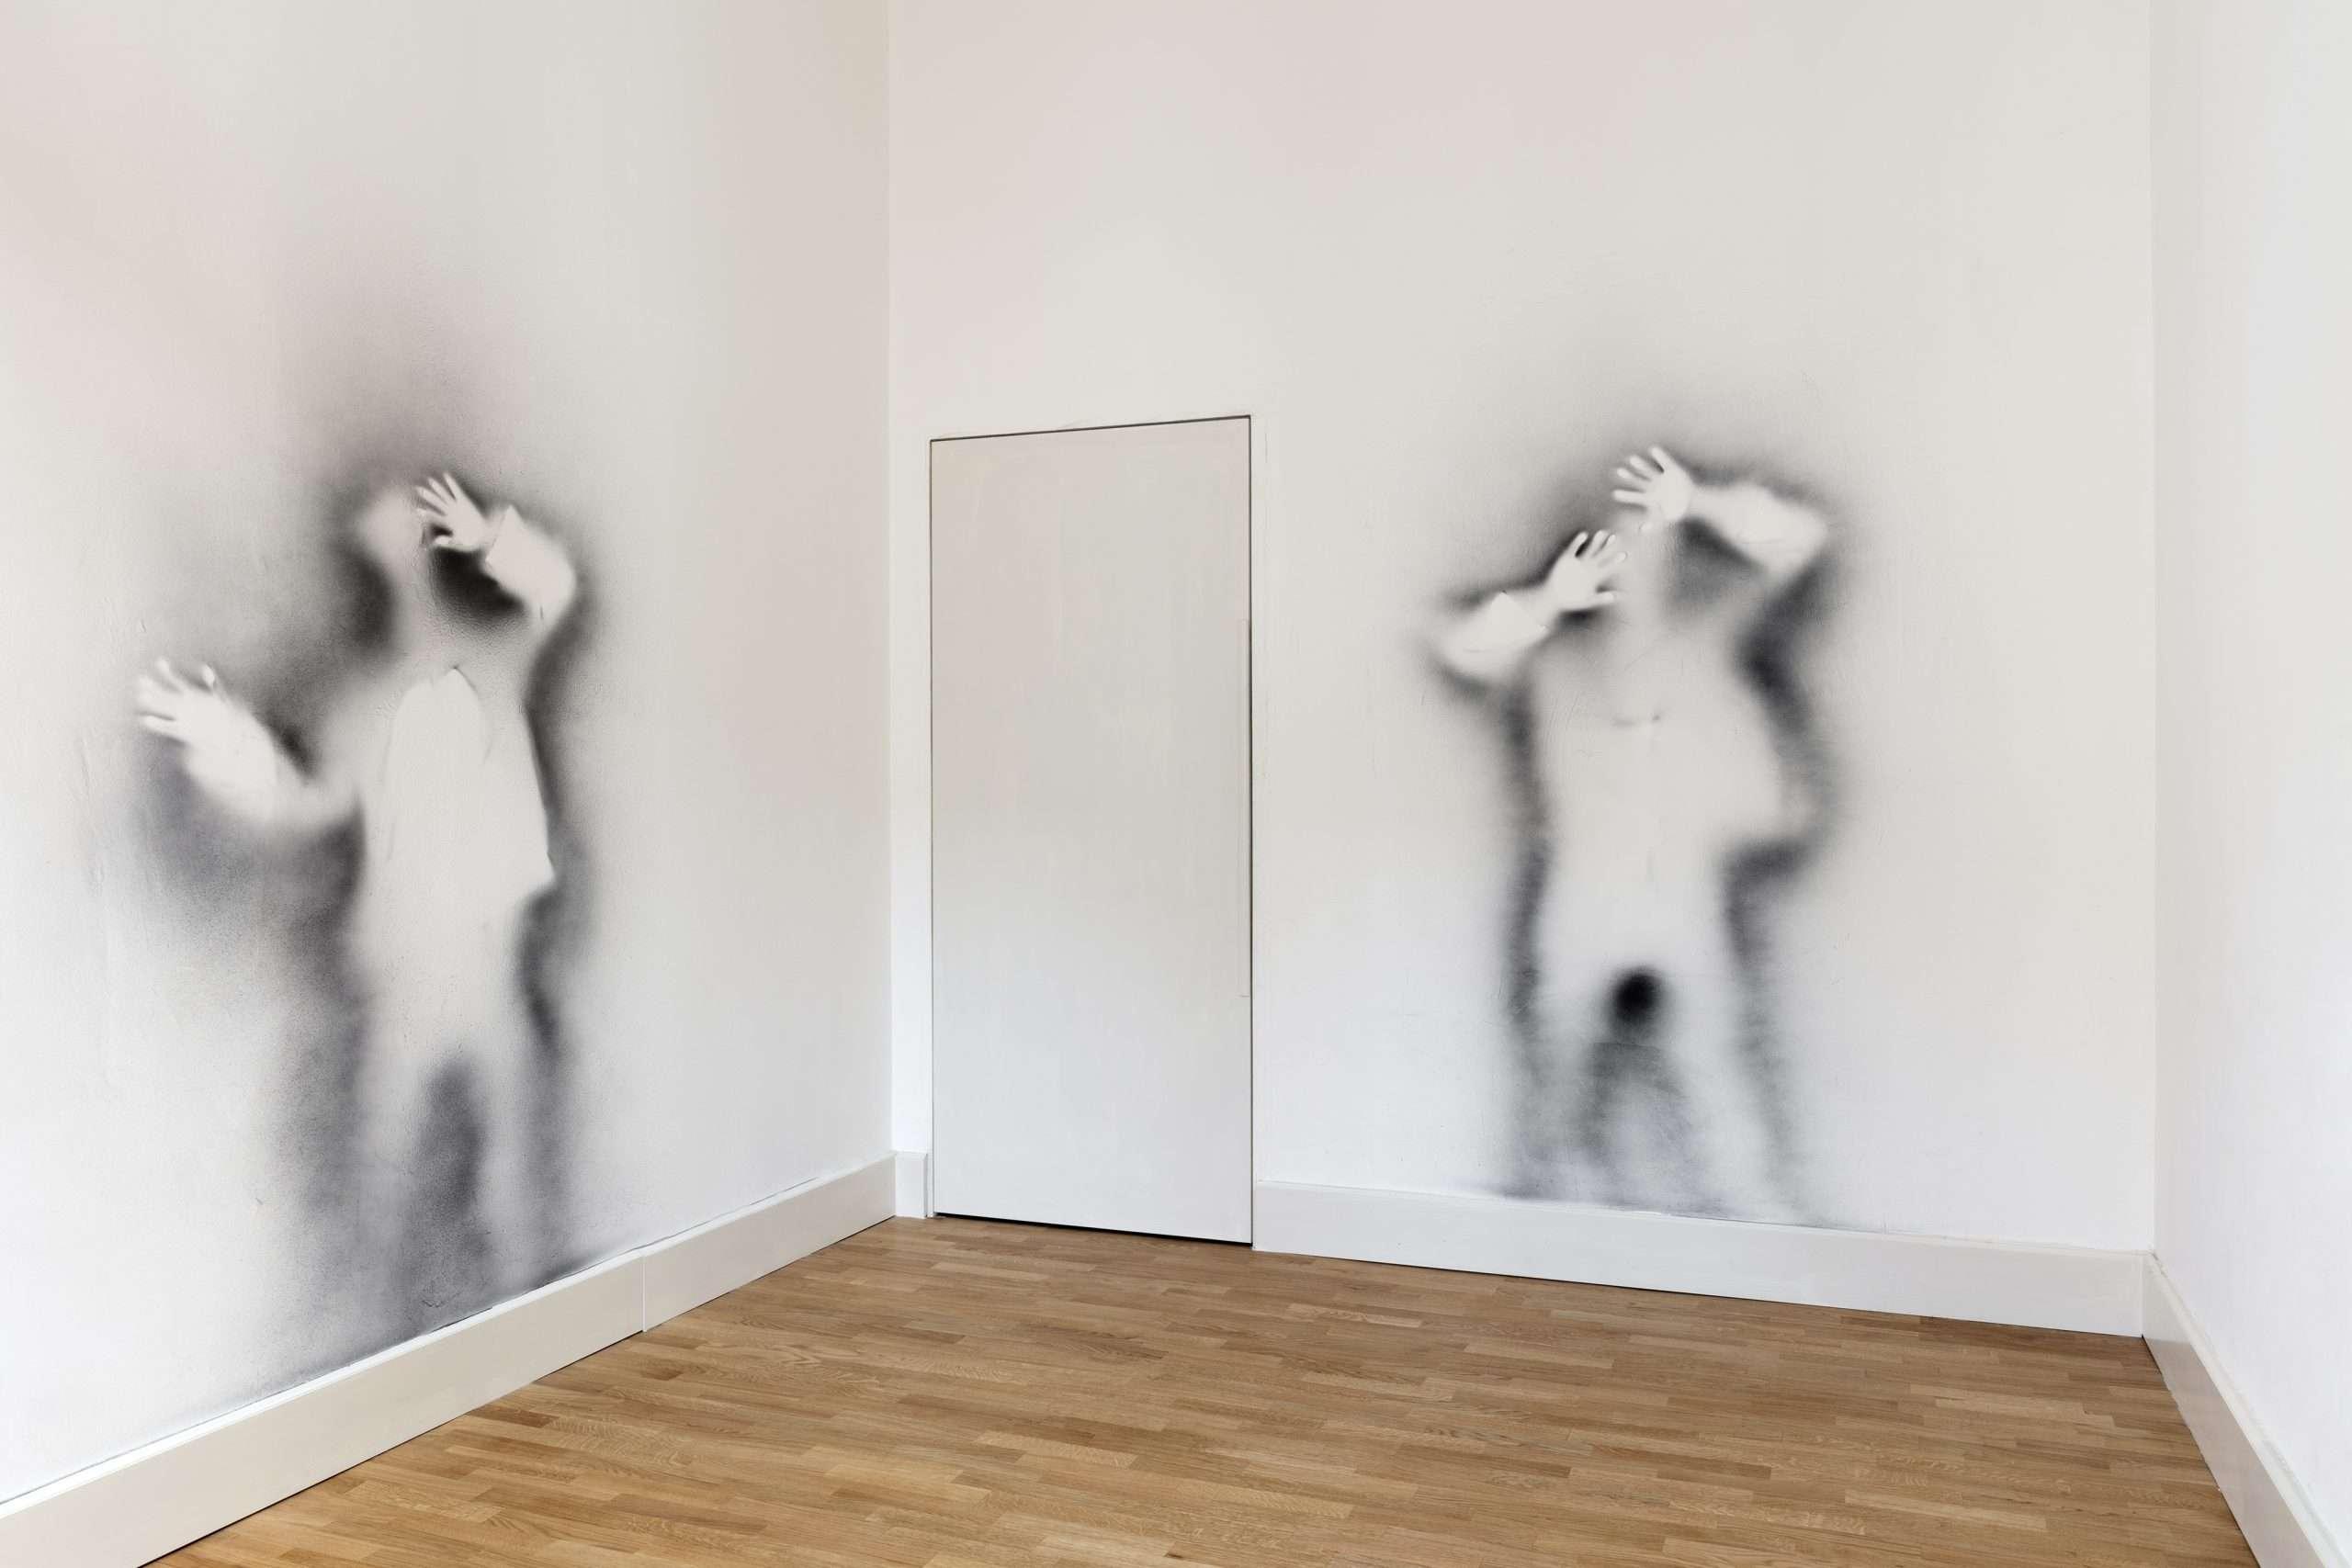 Fondazione Adolfo Pini, Milano Carlos Amorales, L'ORA DANNATA